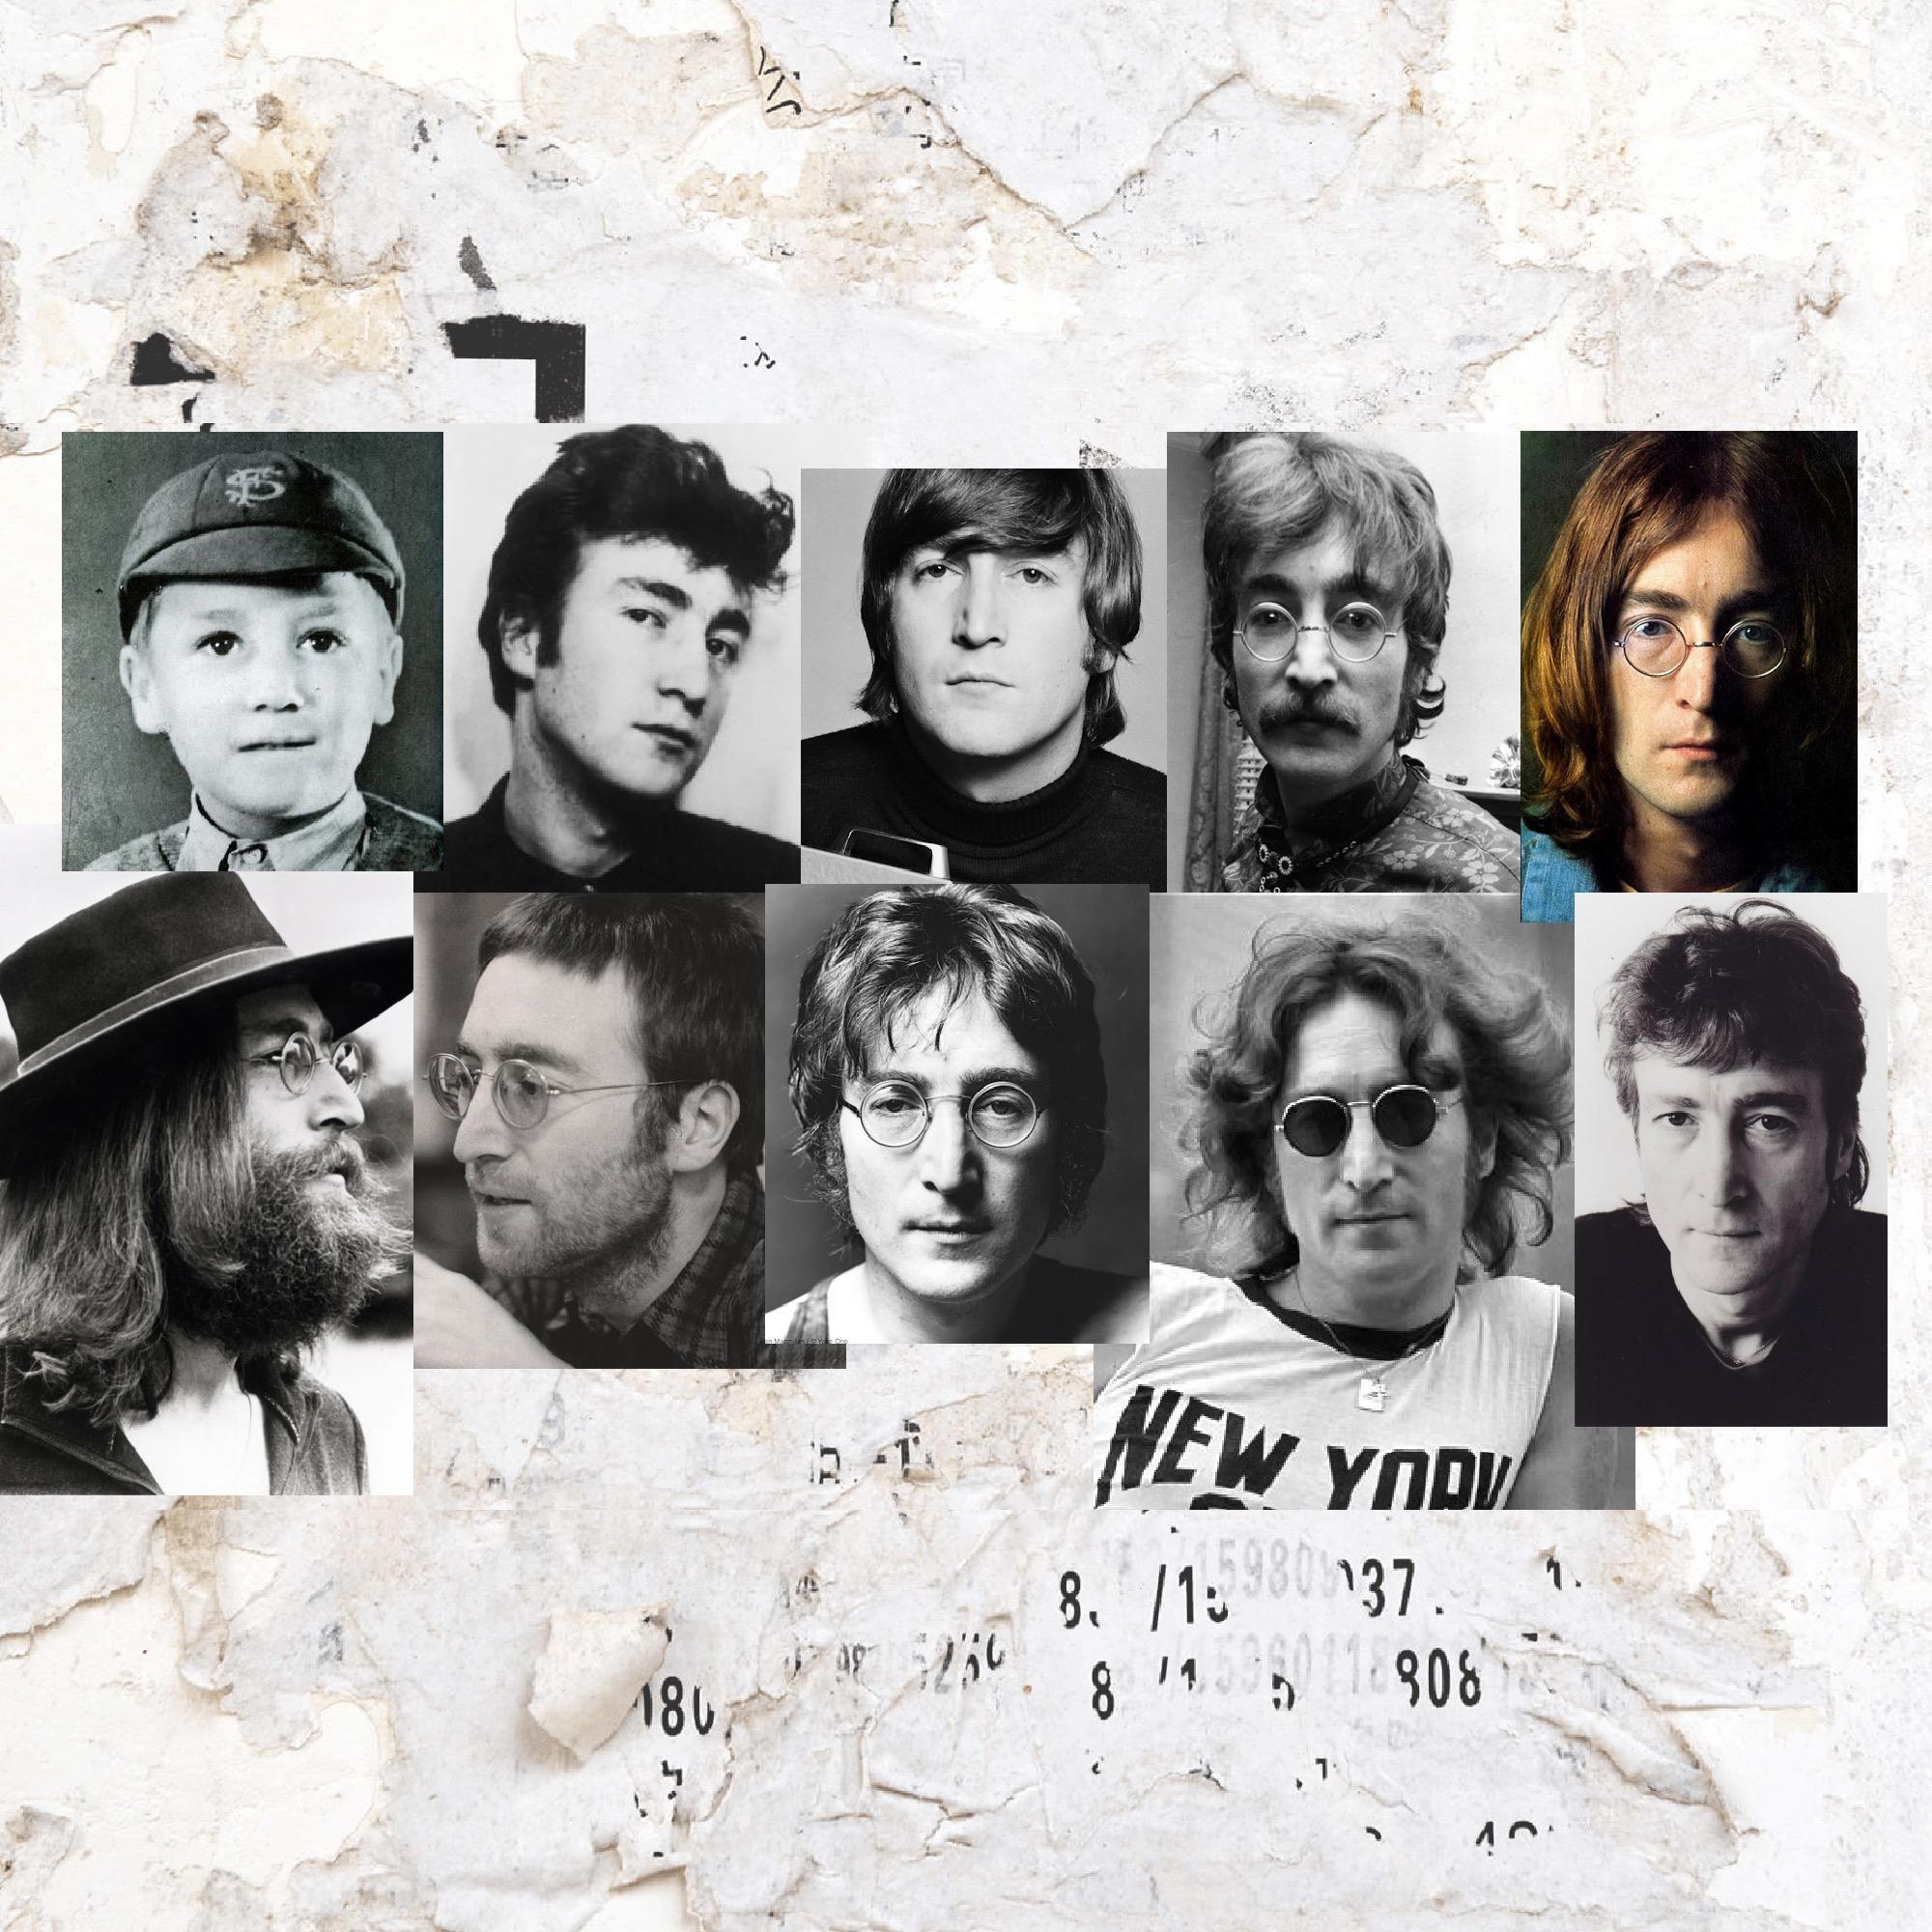 722. Discussing John Lennon with Antony Rotunno